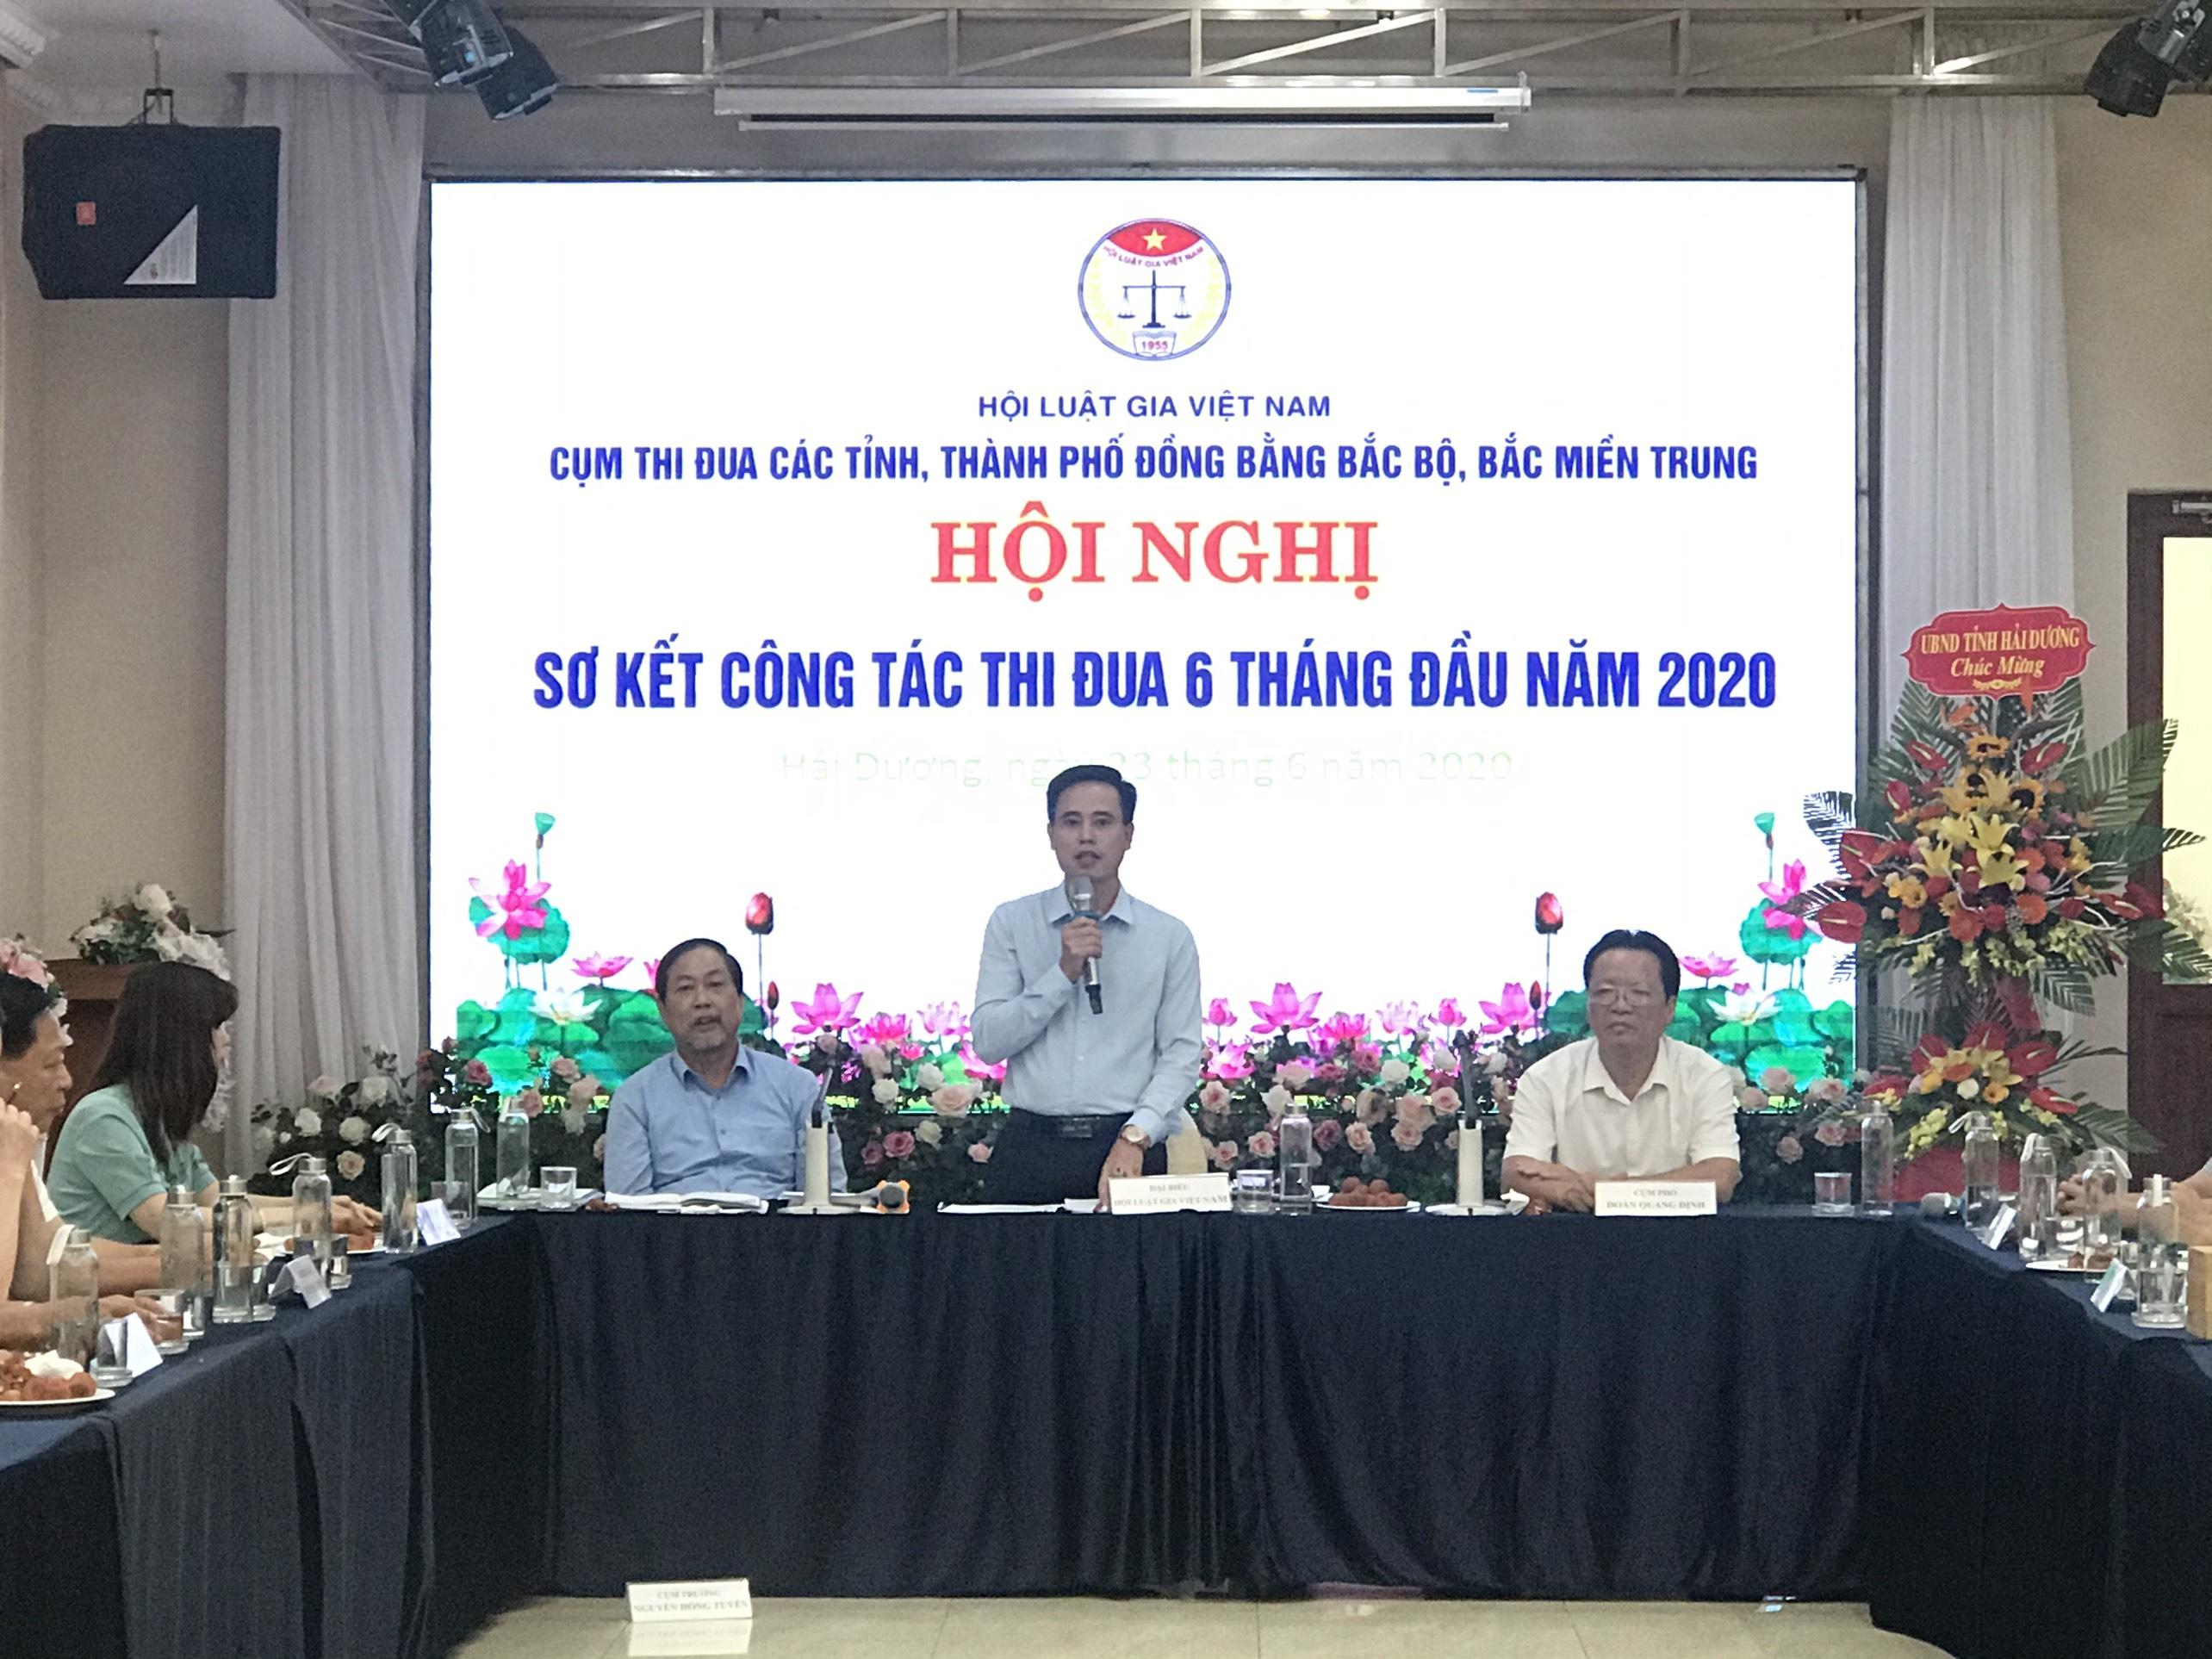 Hội nghị sơ kết Cụm thi đua các tỉnh đồng bằng Bắc Bộ và Bắc Miền Trung